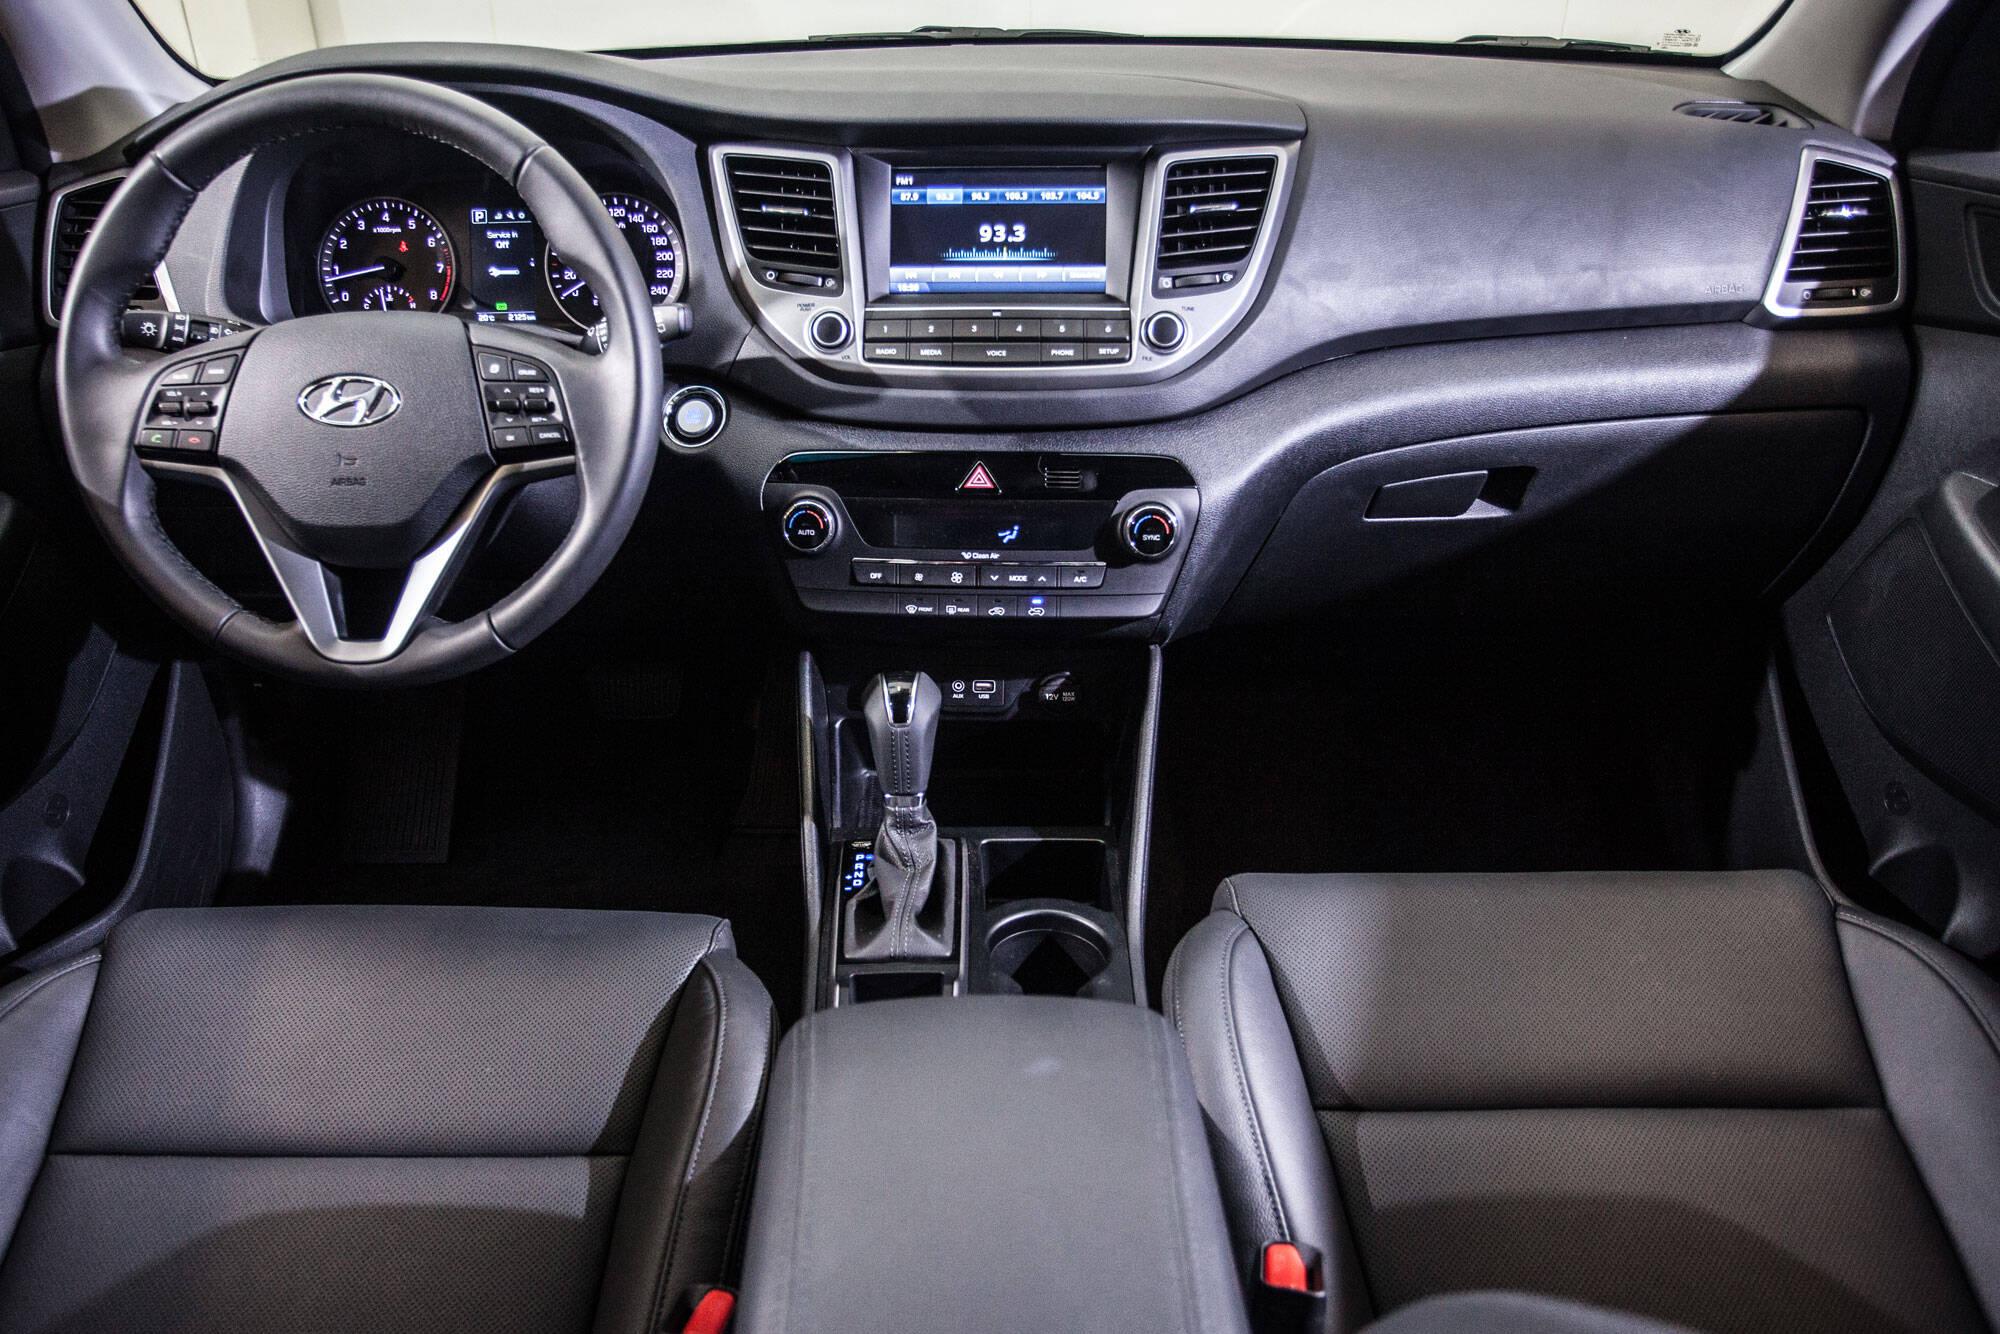 Hyundai New Tucson. Foto: Divulgação/Hyundai